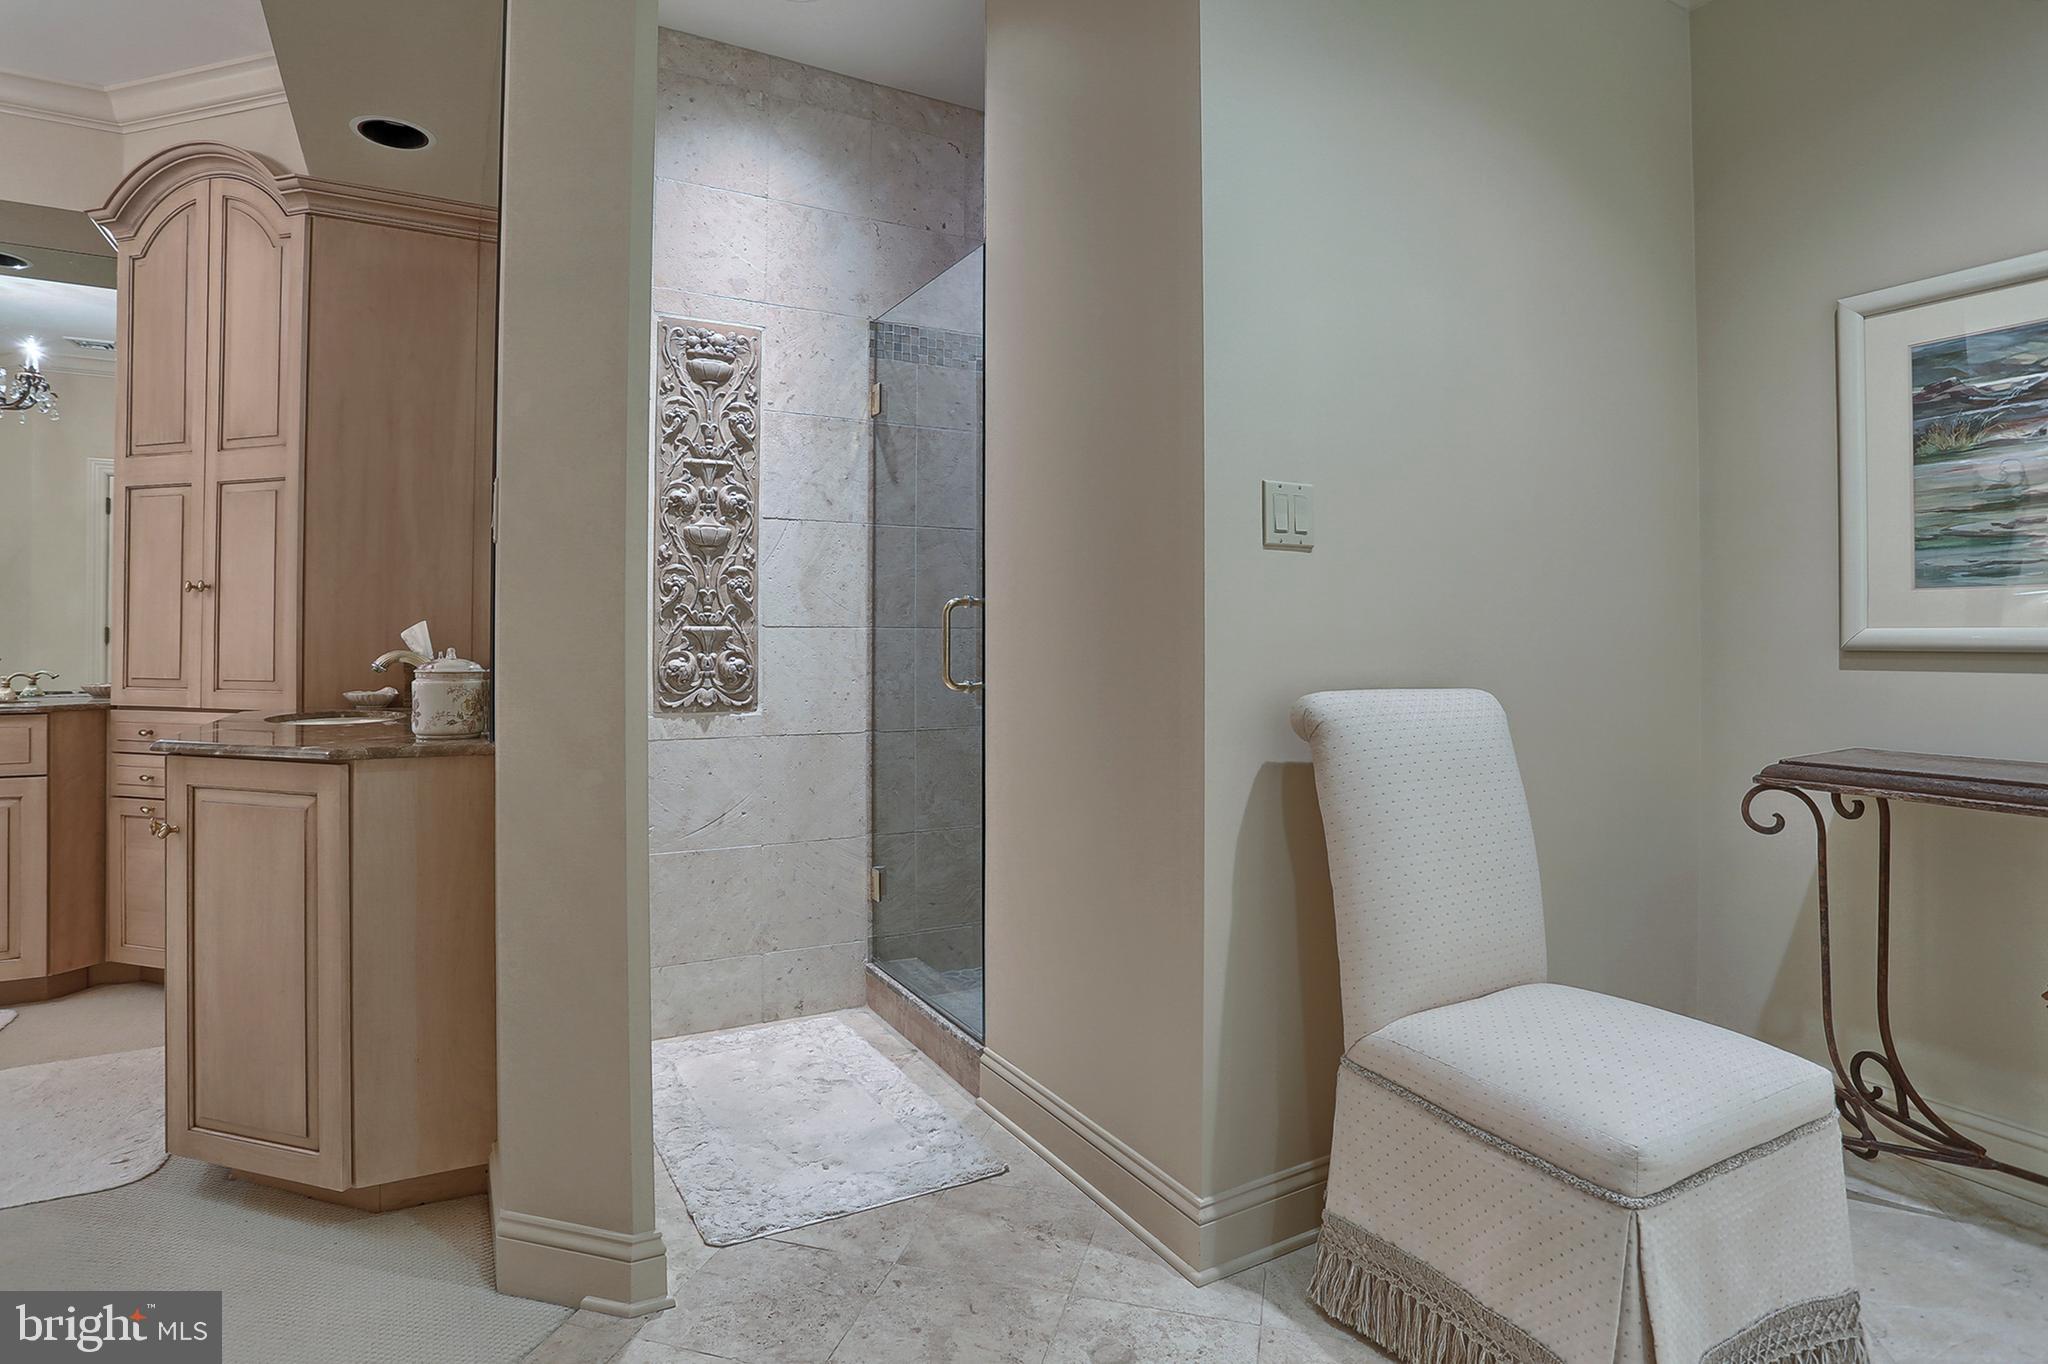 Looking toward walk-in shower area